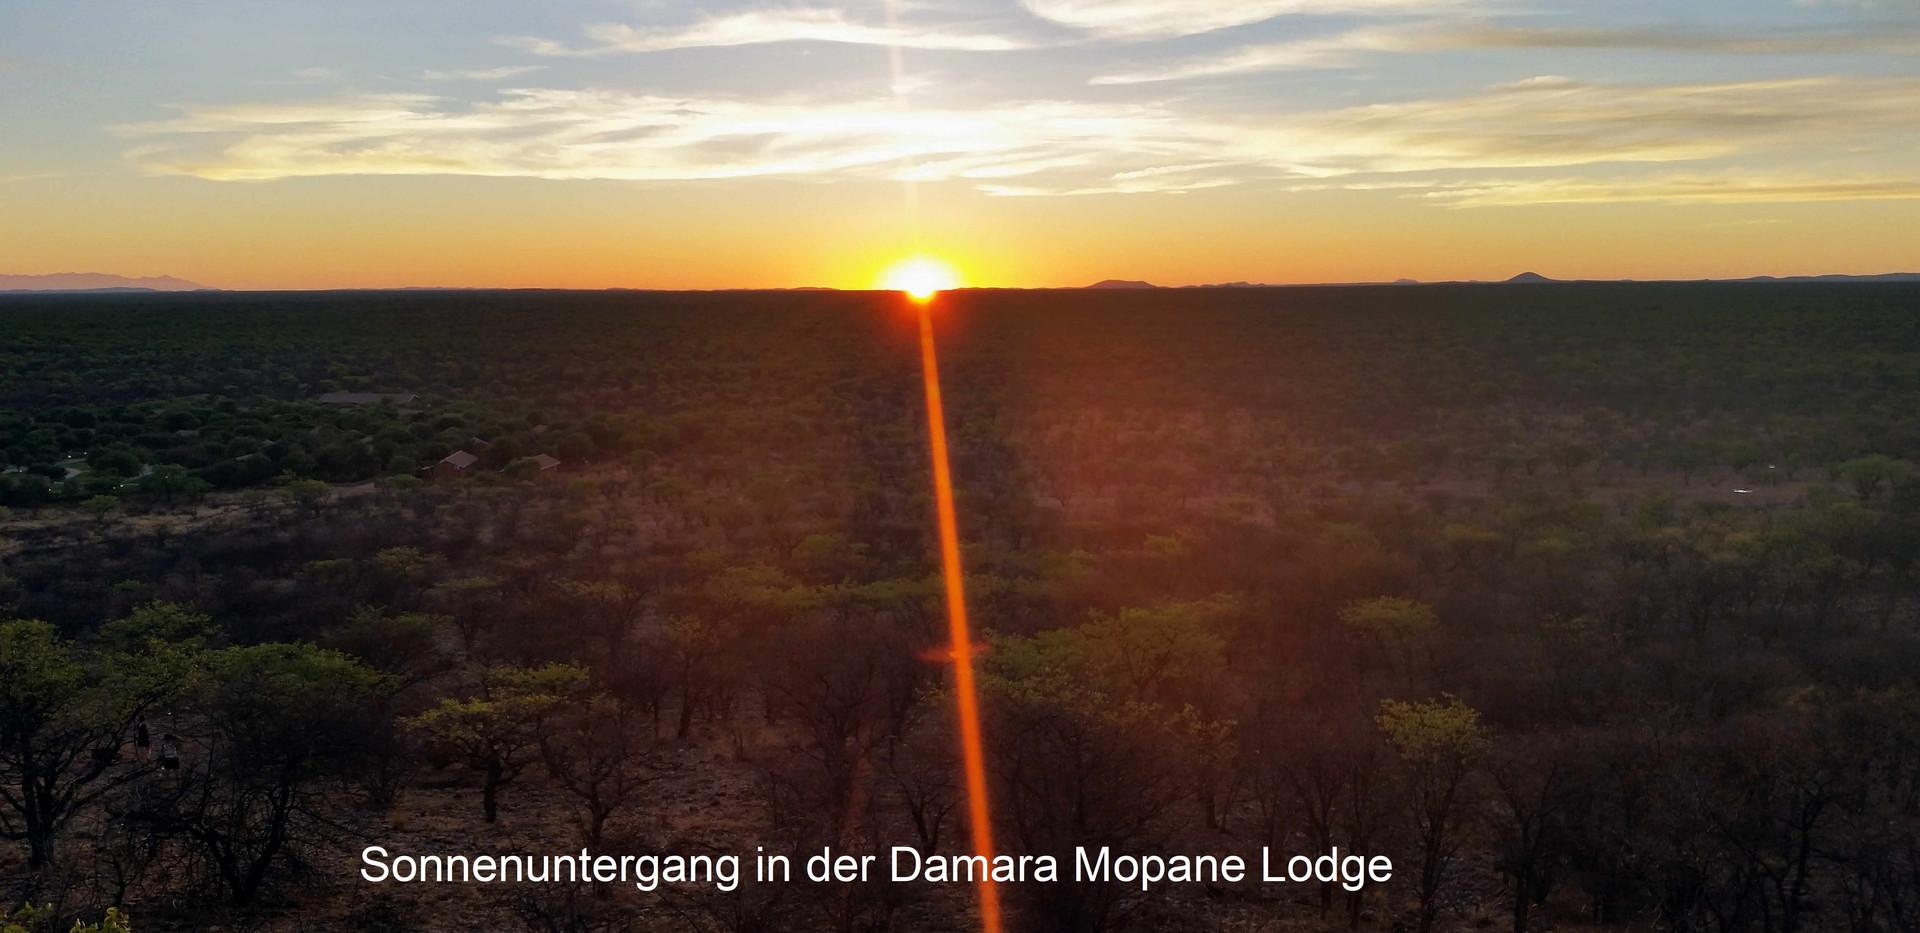 Sonnenuntergang5_beschriftet.jpg